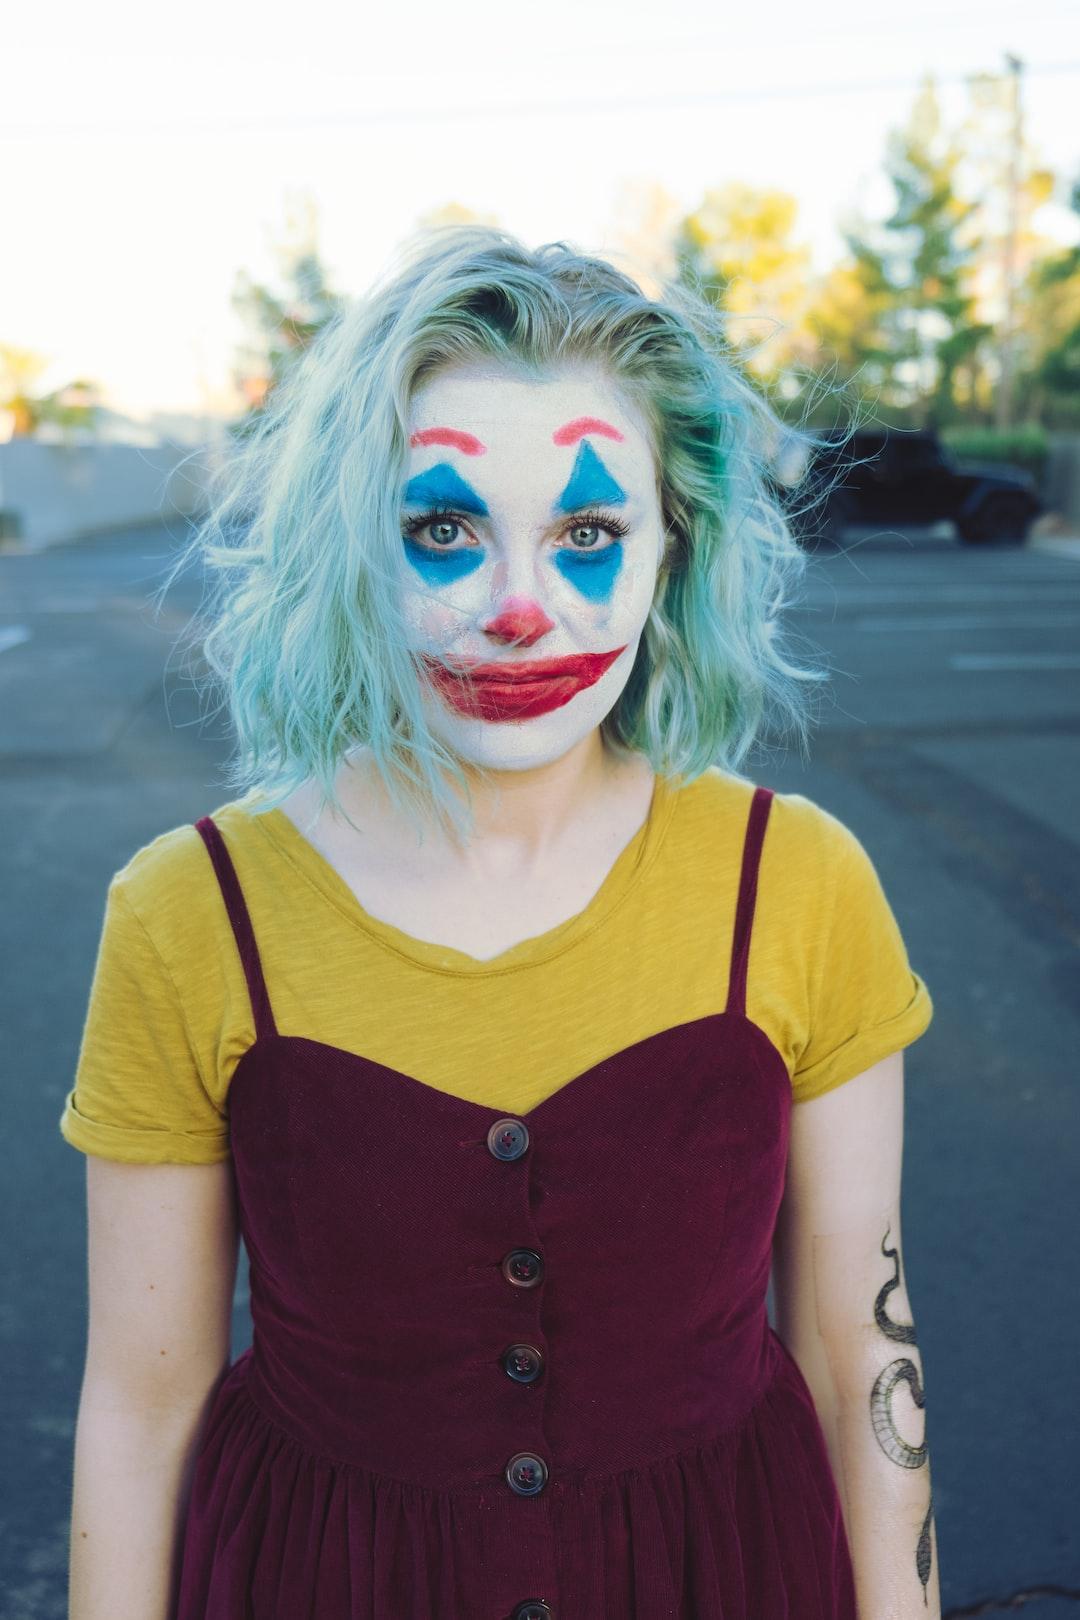 Just clowning around.